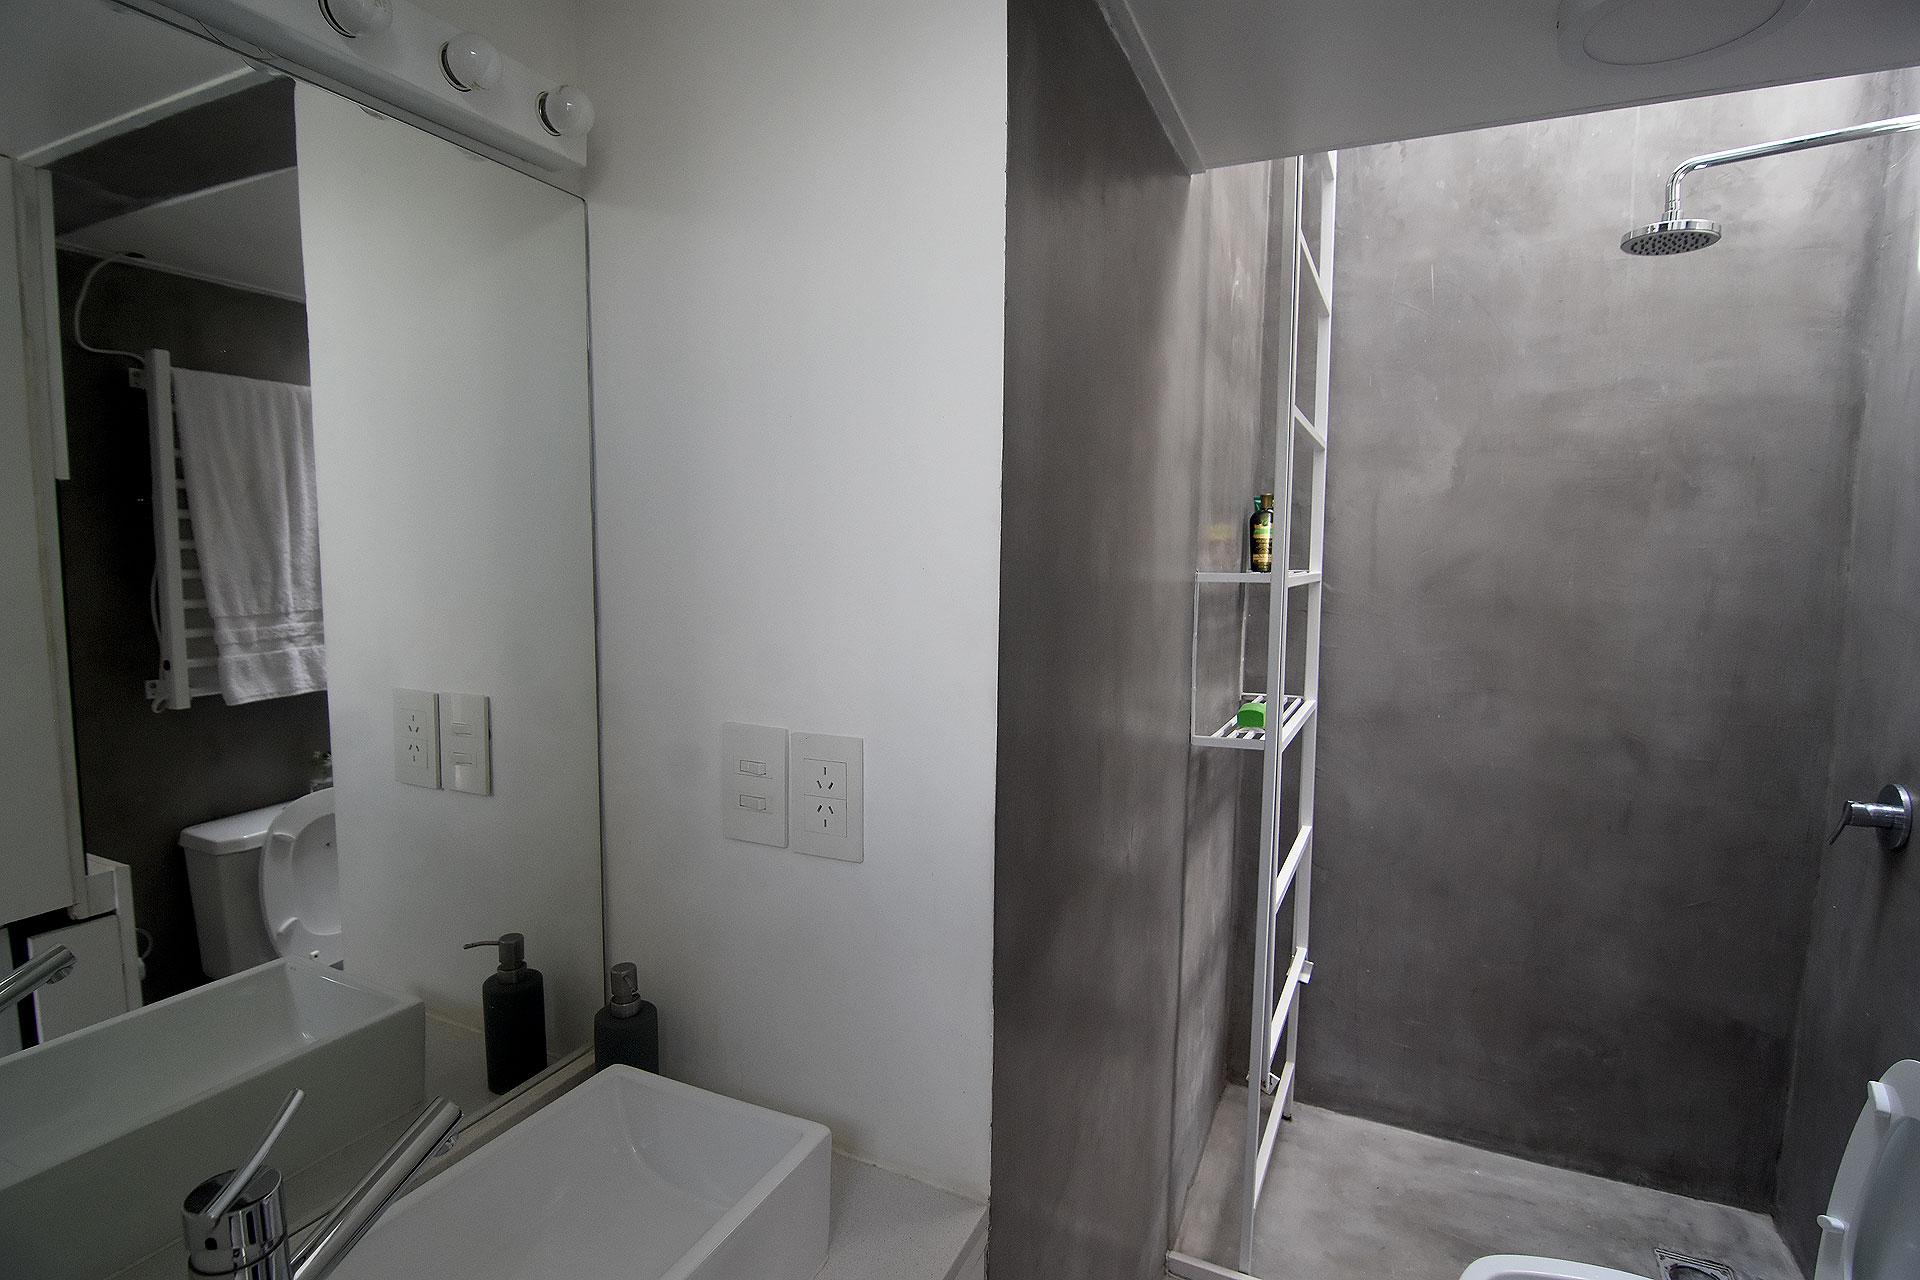 La demolición de los pocos elementos construidos al interior del espacio permitió la homologación no calificada del mismo, dejando por fuera solo un pequeño baño.